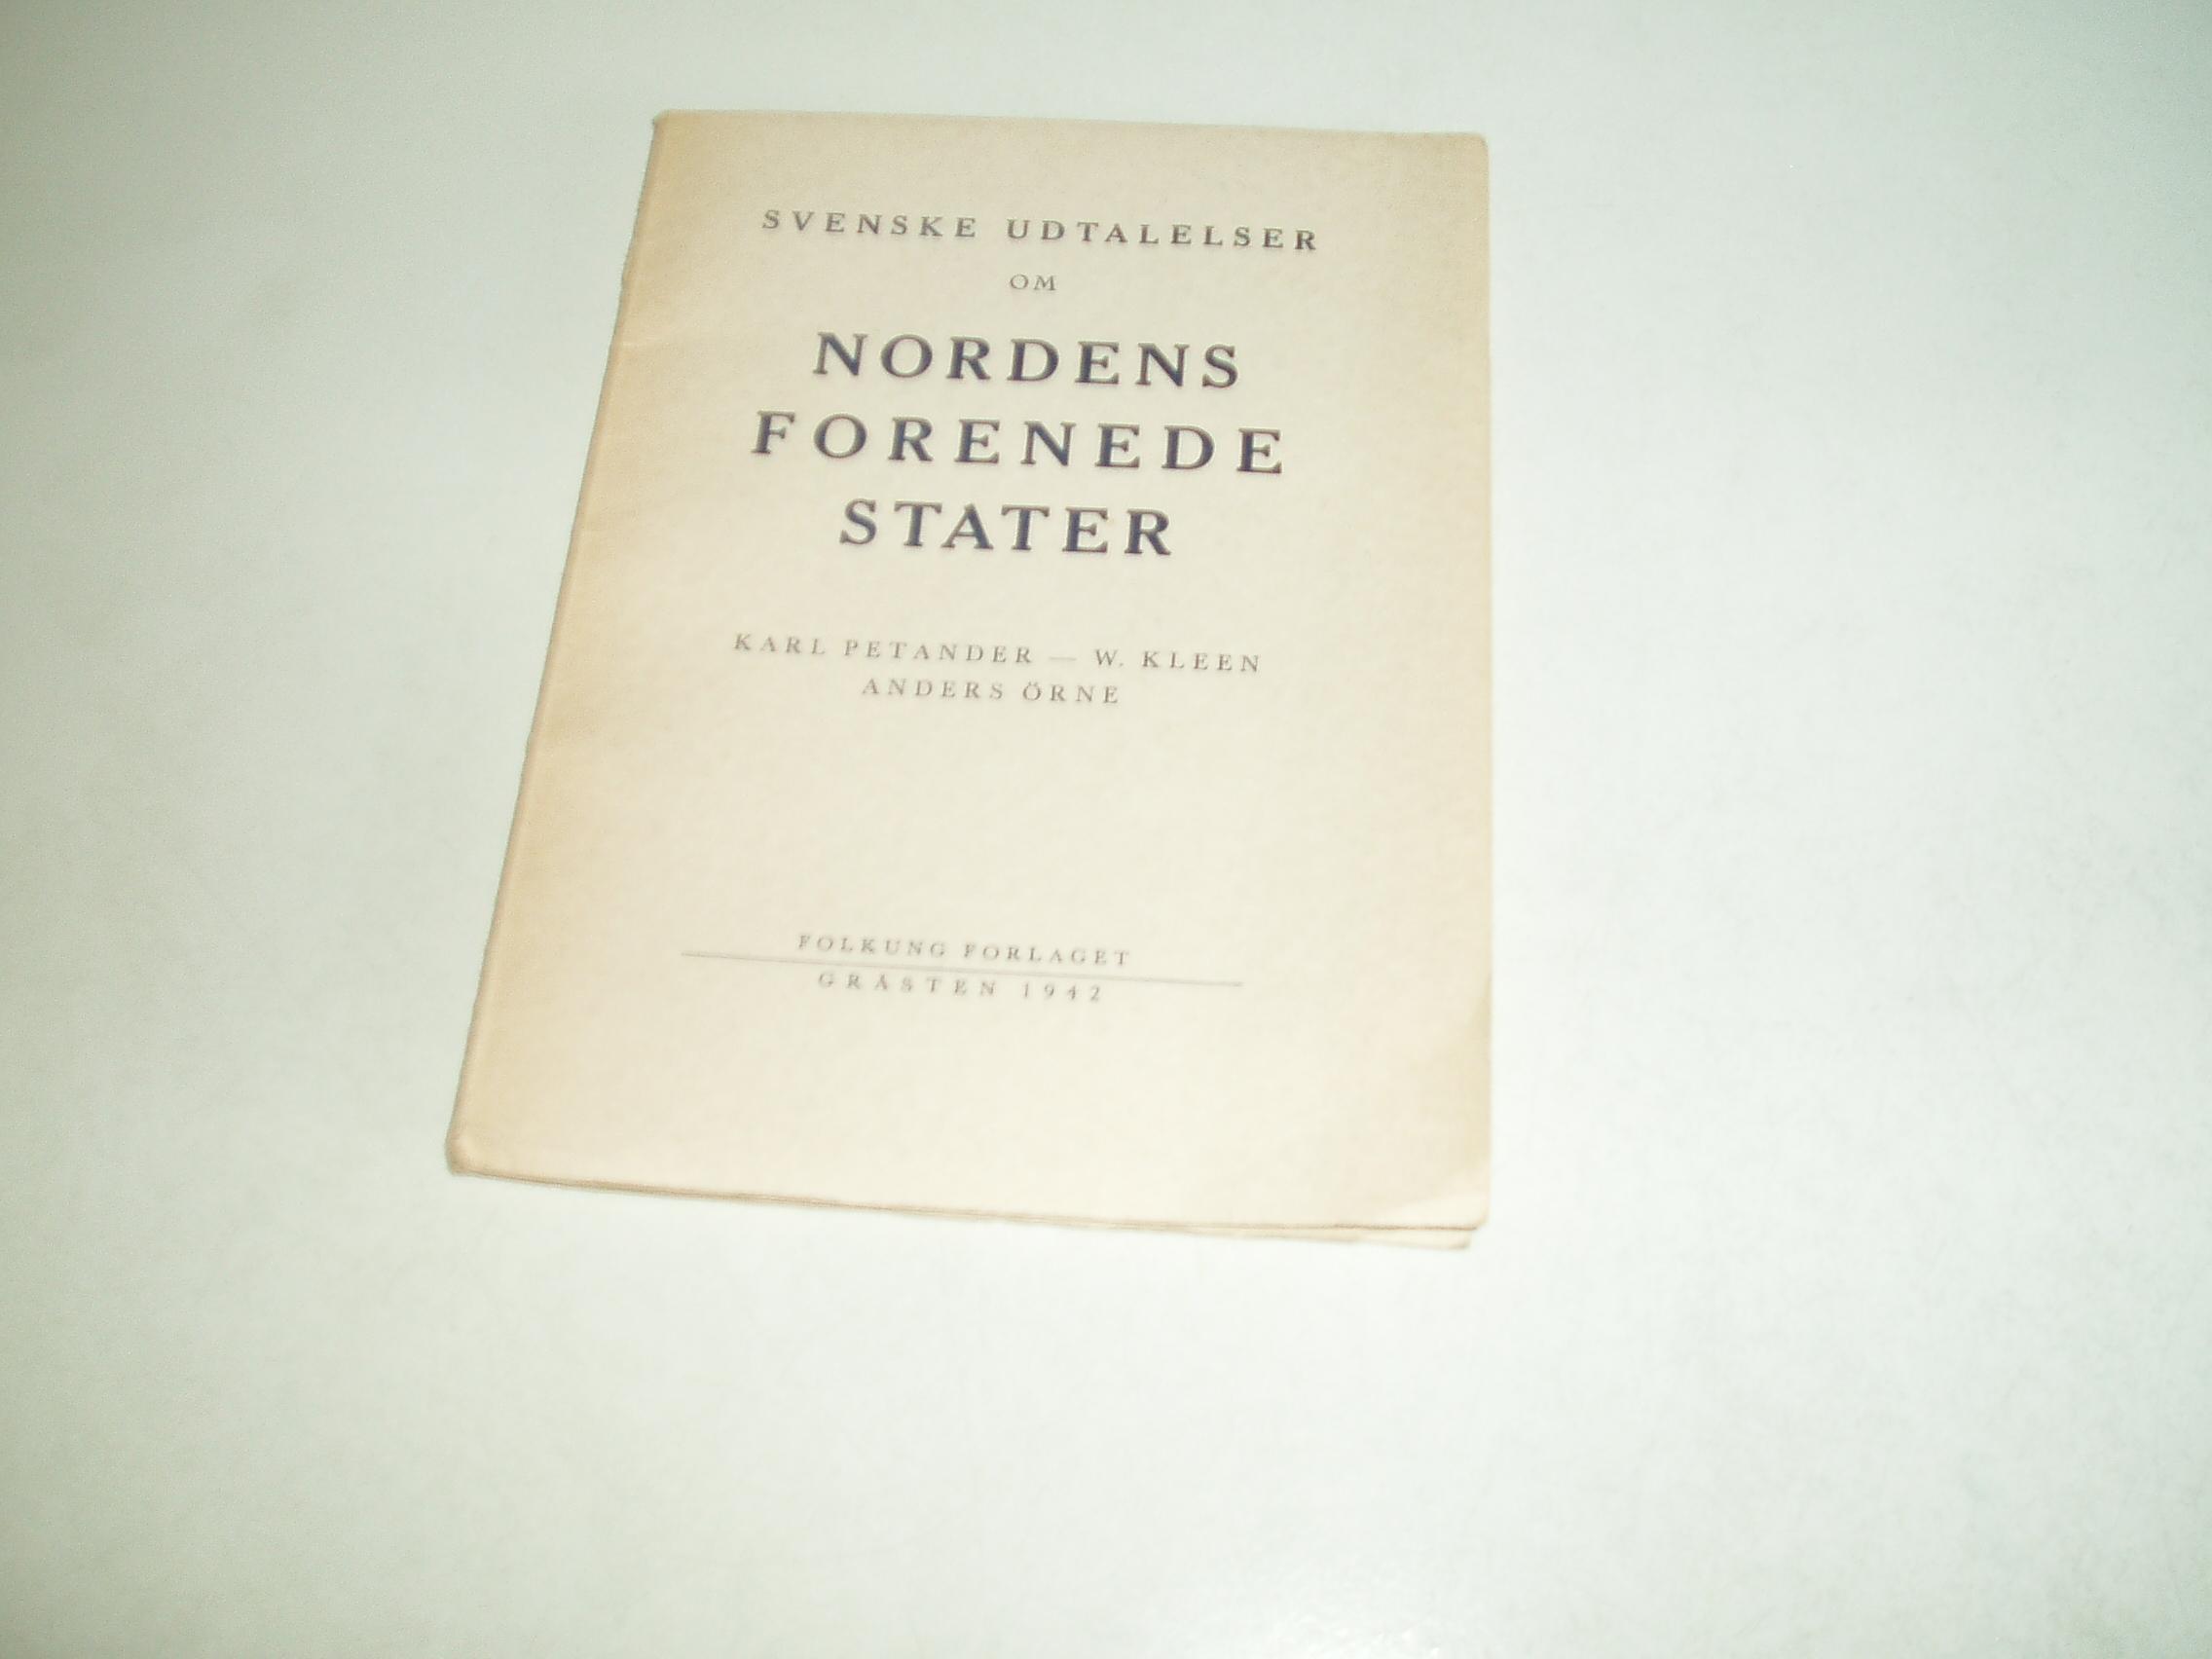 Svenske udtalelser om Nordens Forenede Stater